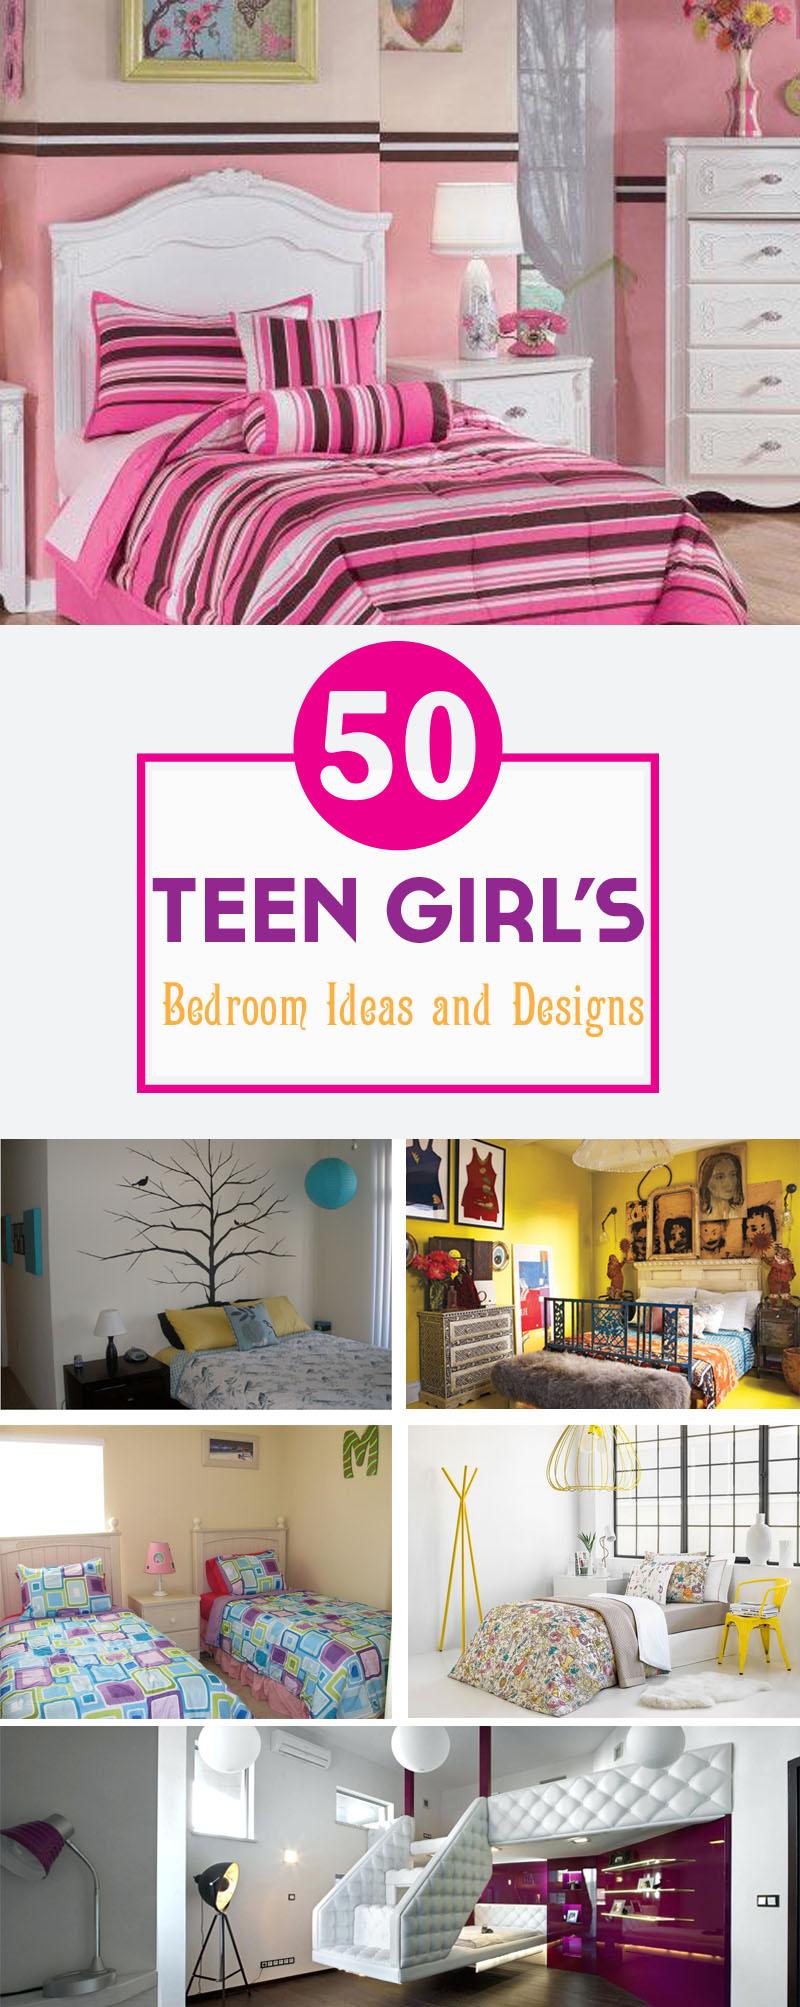 best teen girl's bedroom ideas and designs